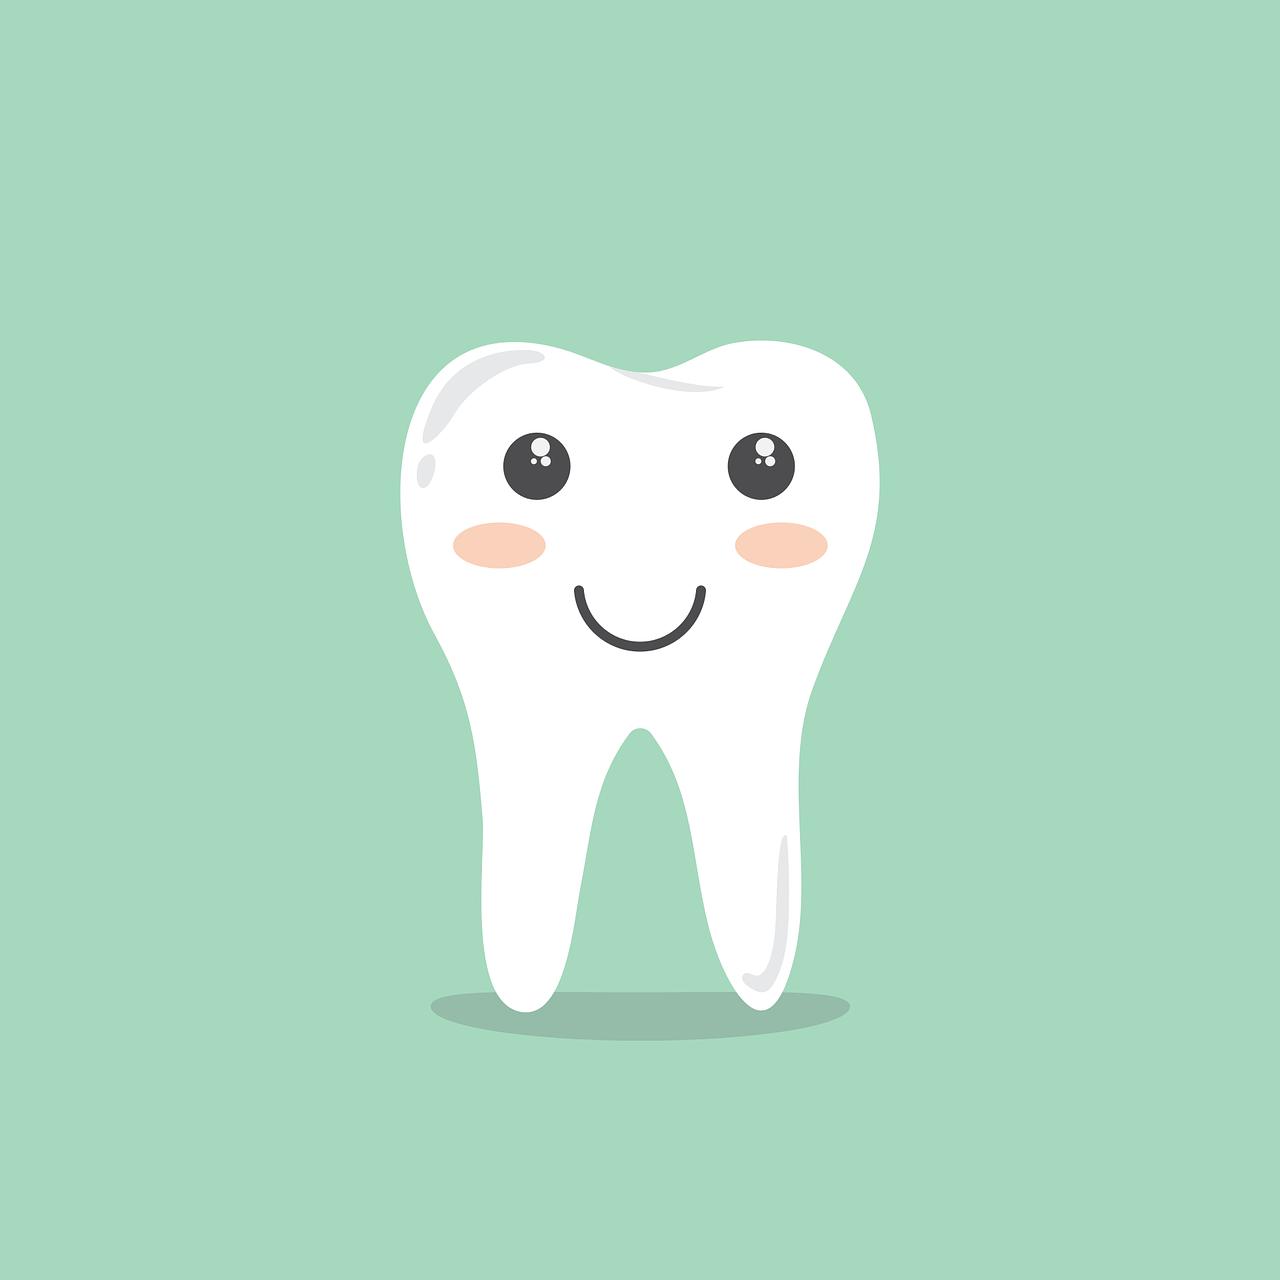 #54 ちょっと緊張したけれど、無事に歯医者にいってこれた